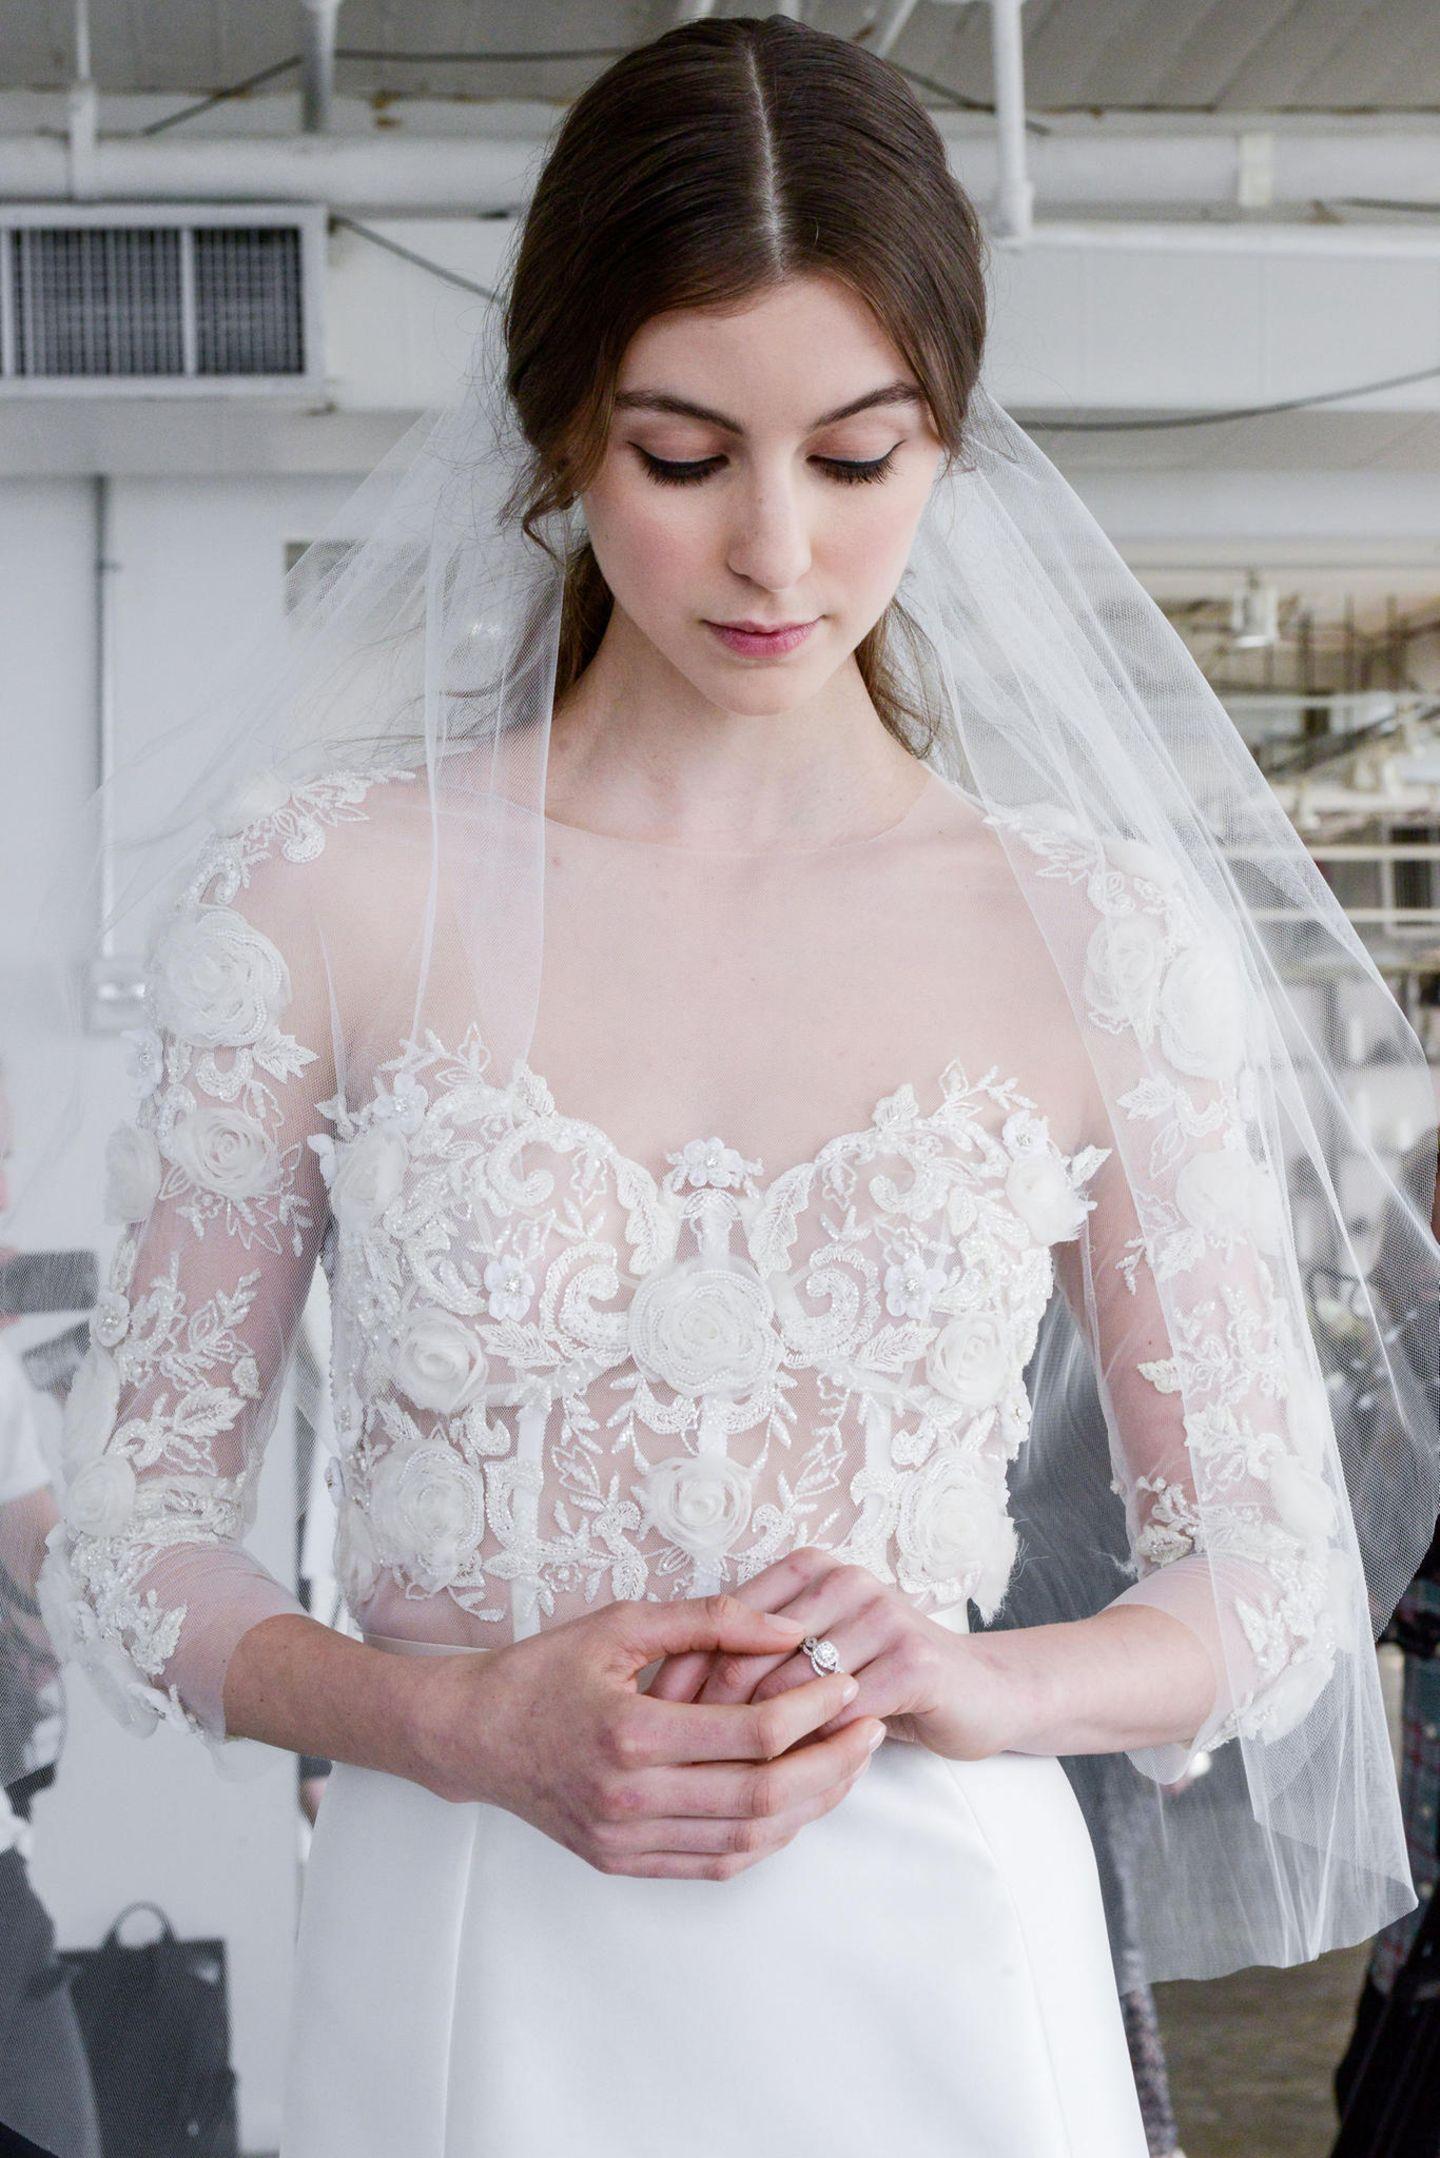 Brautfrisur mit Schleier: Frau mit Brautkleid und kurzem Schleier